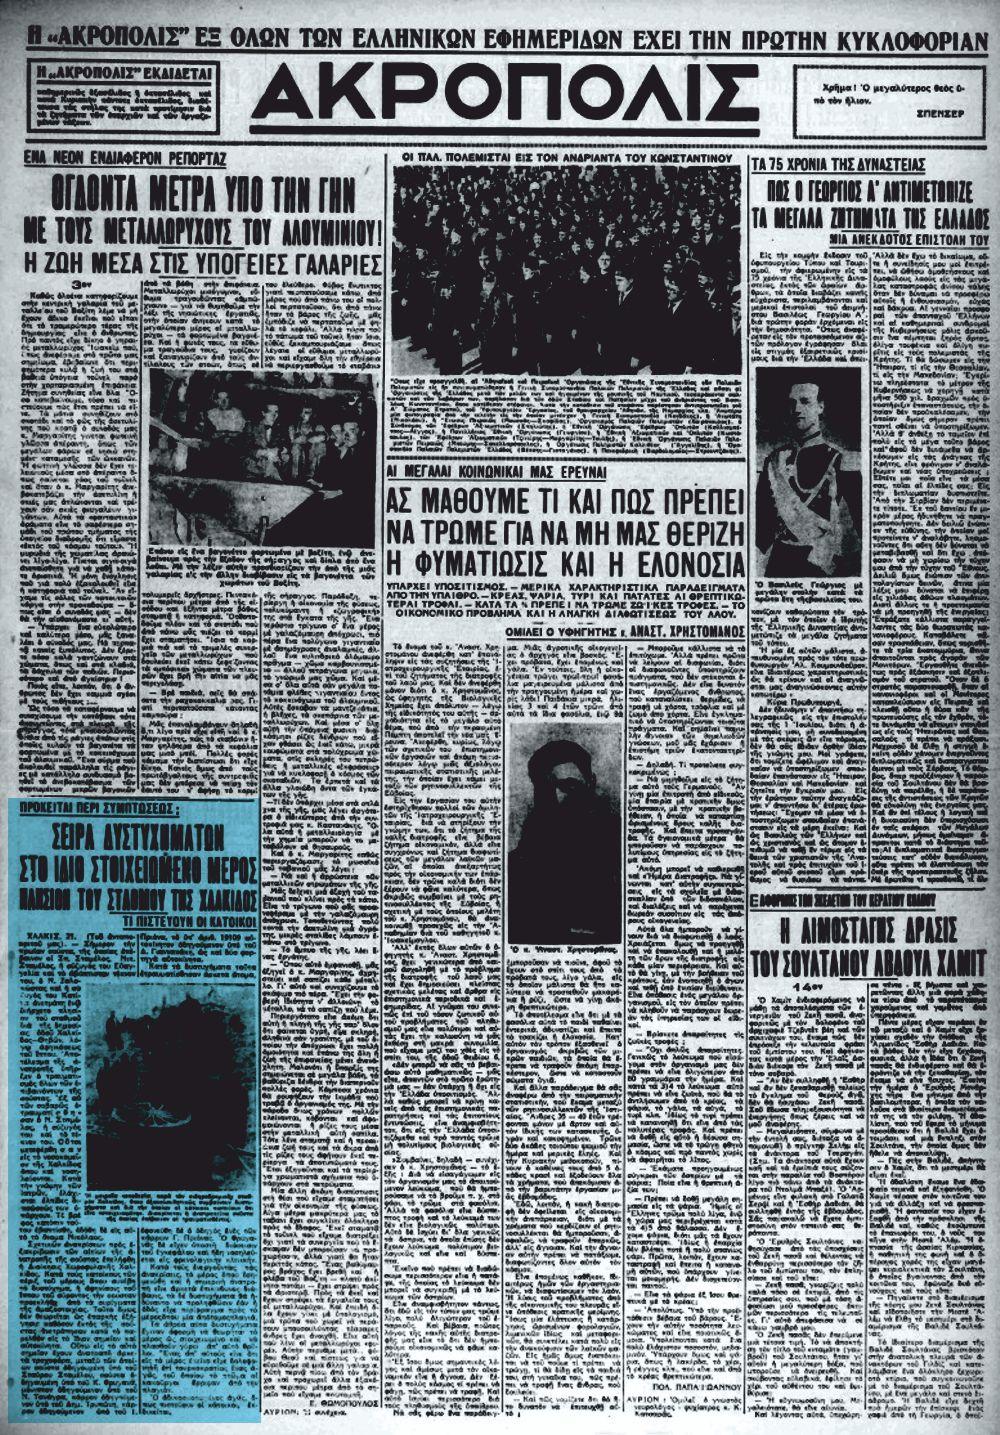 """Το άρθρο, όπως δημοσιεύθηκε στην εφημερίδα """"ΑΚΡΟΠΟΛΙΣ"""", στις 22/11/1938"""